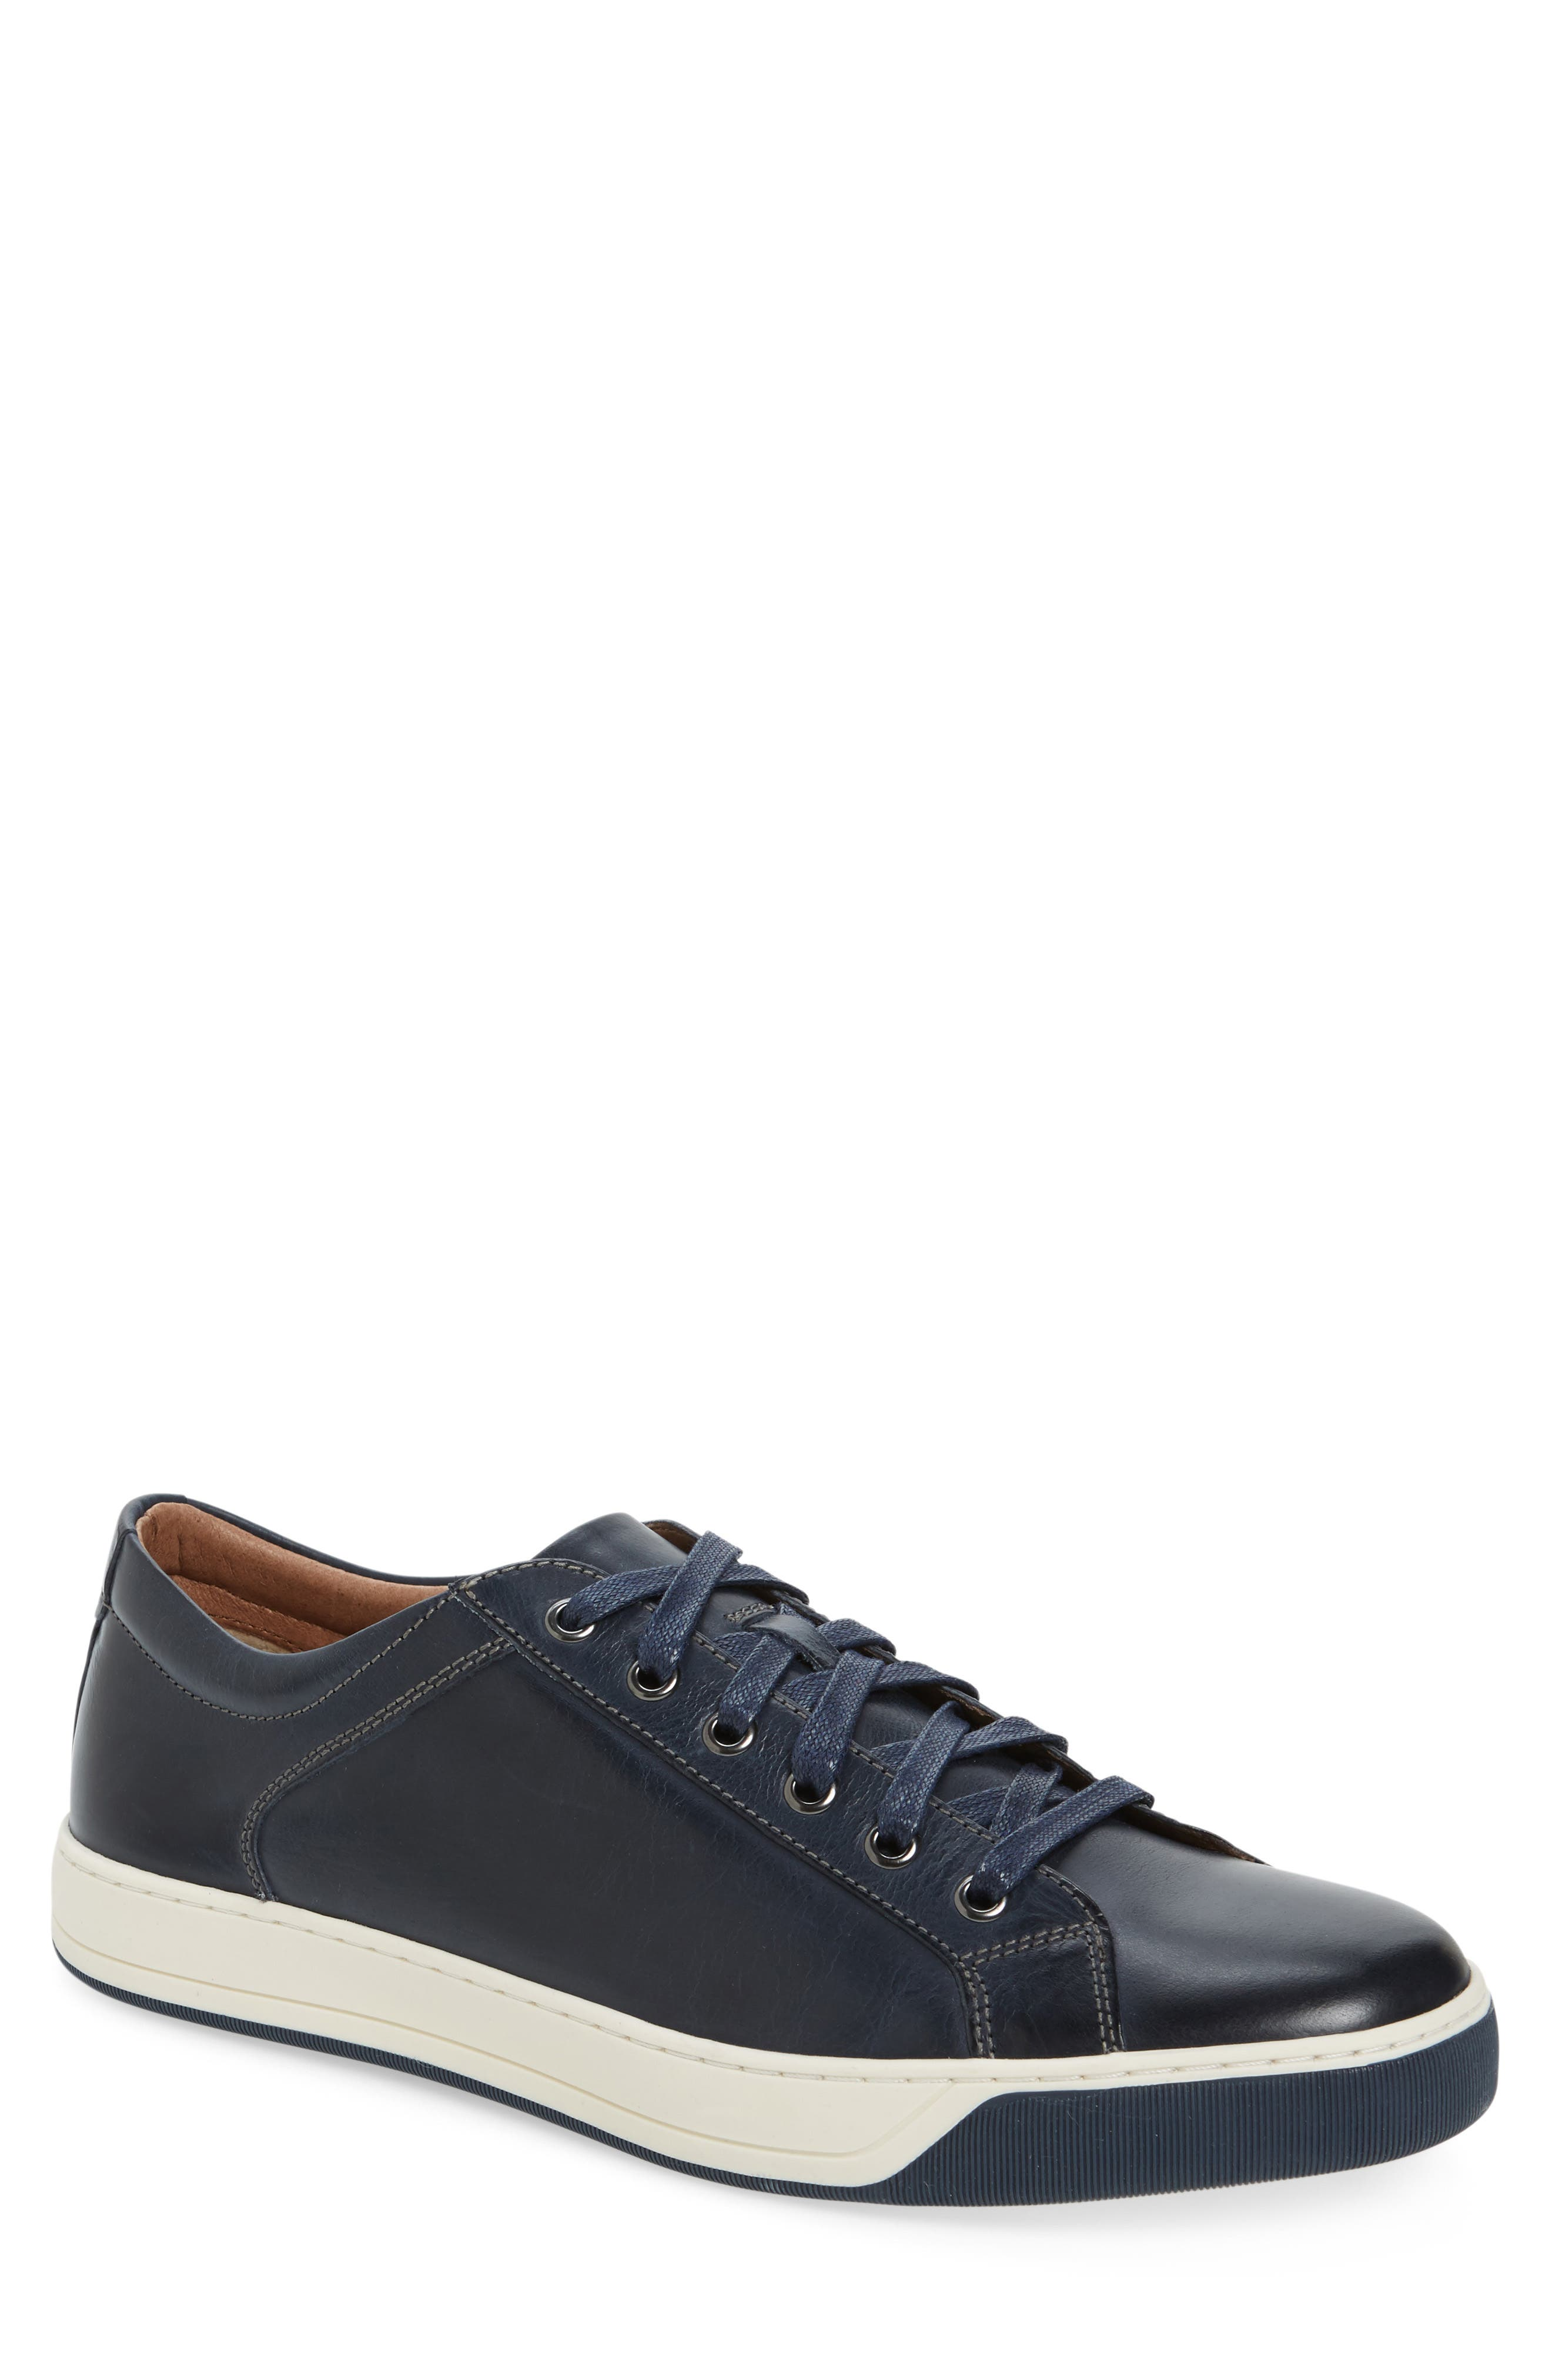 J & m 1850 Allister Sneaker